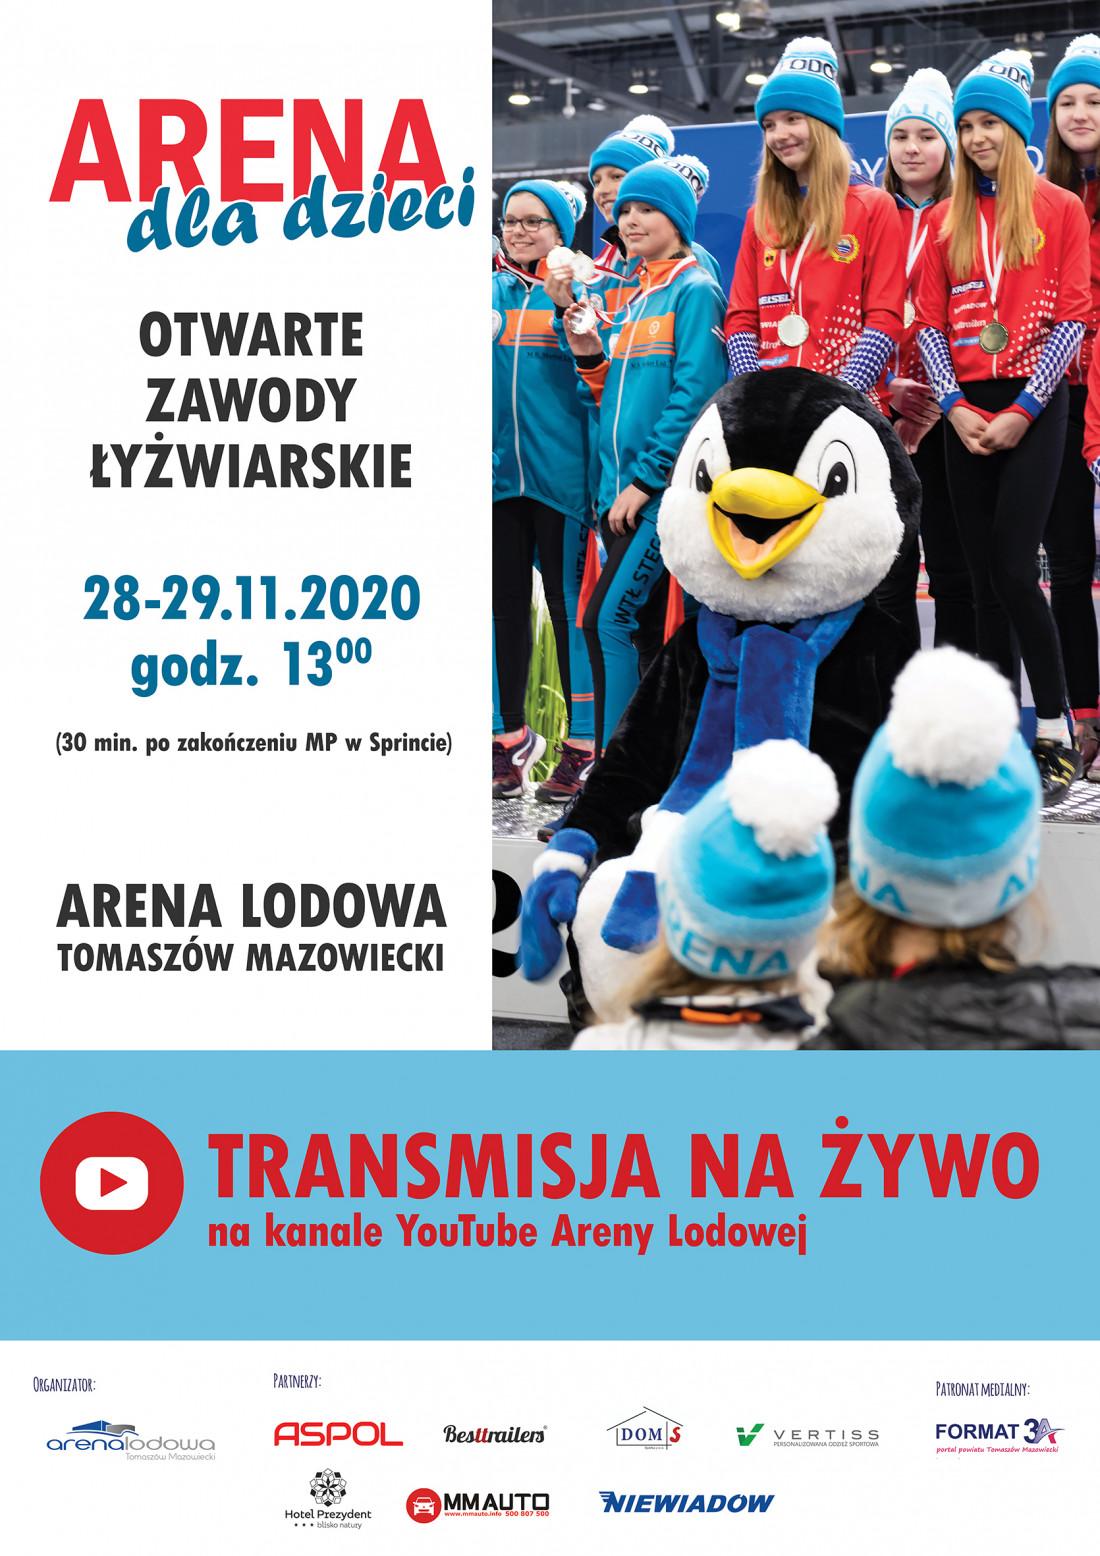 Arena dla dzieci - otwarte zawody łyżwiarskie